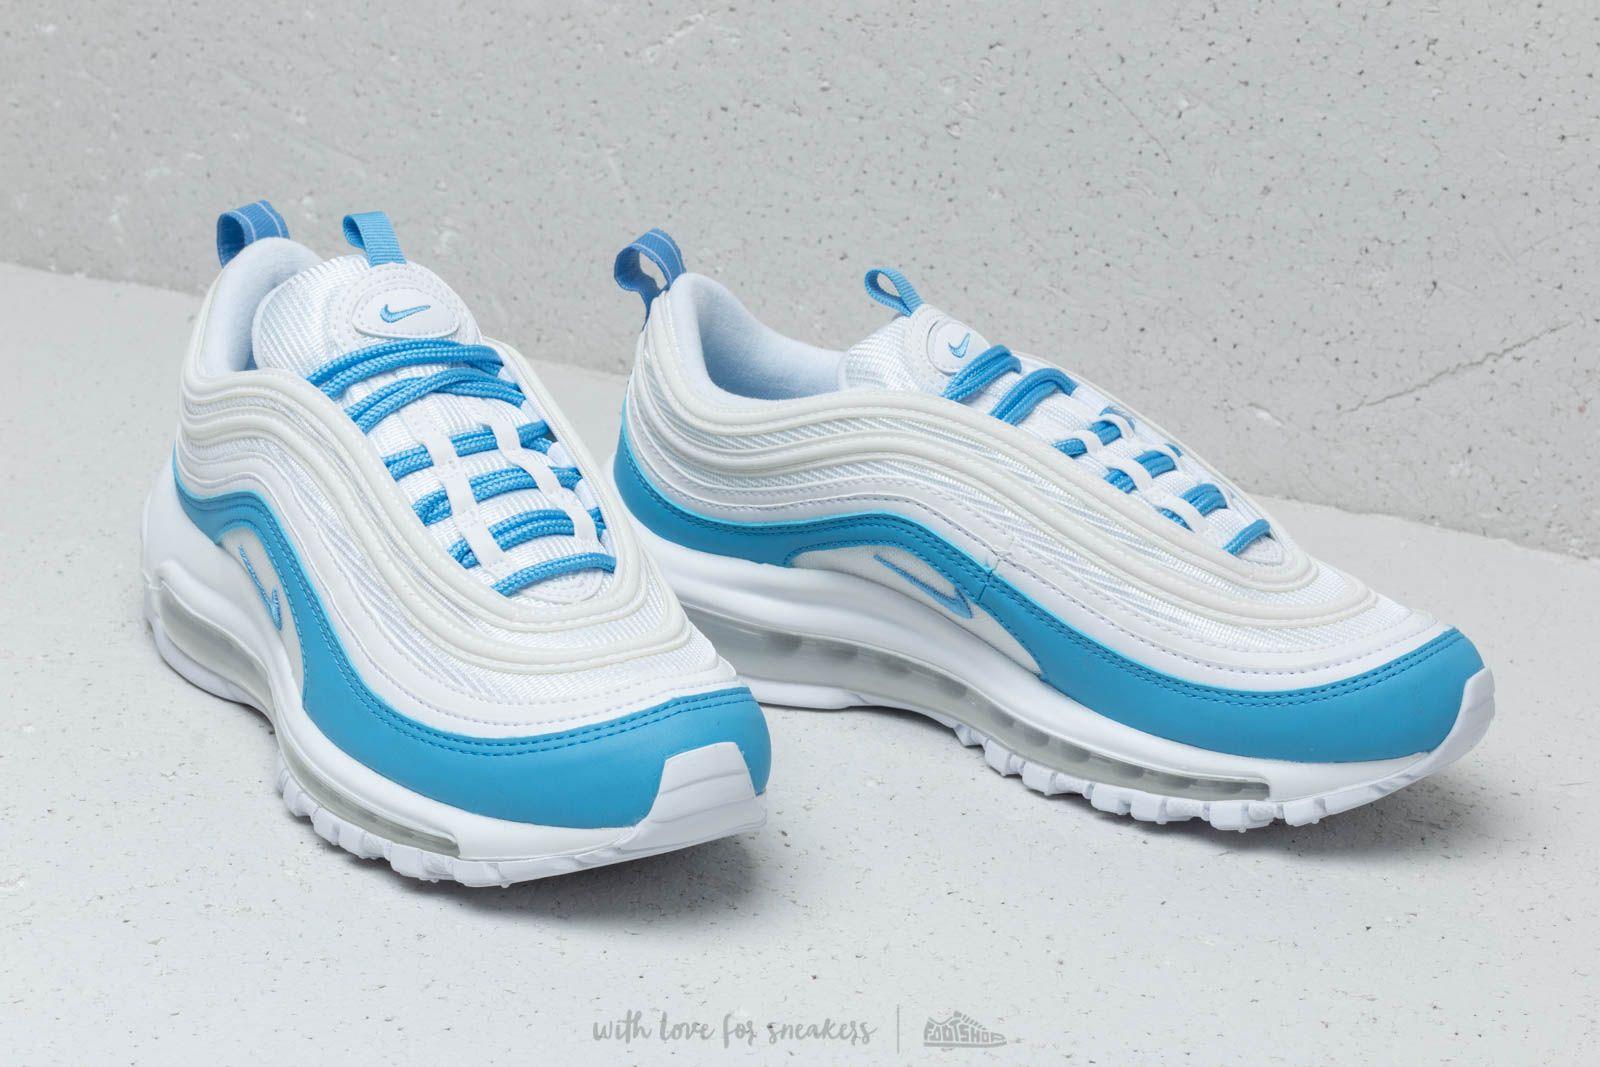 Nike W Air Max 97 Ess White  University Blue za skvelú cenu 169 € kúpíte 47187f6bb